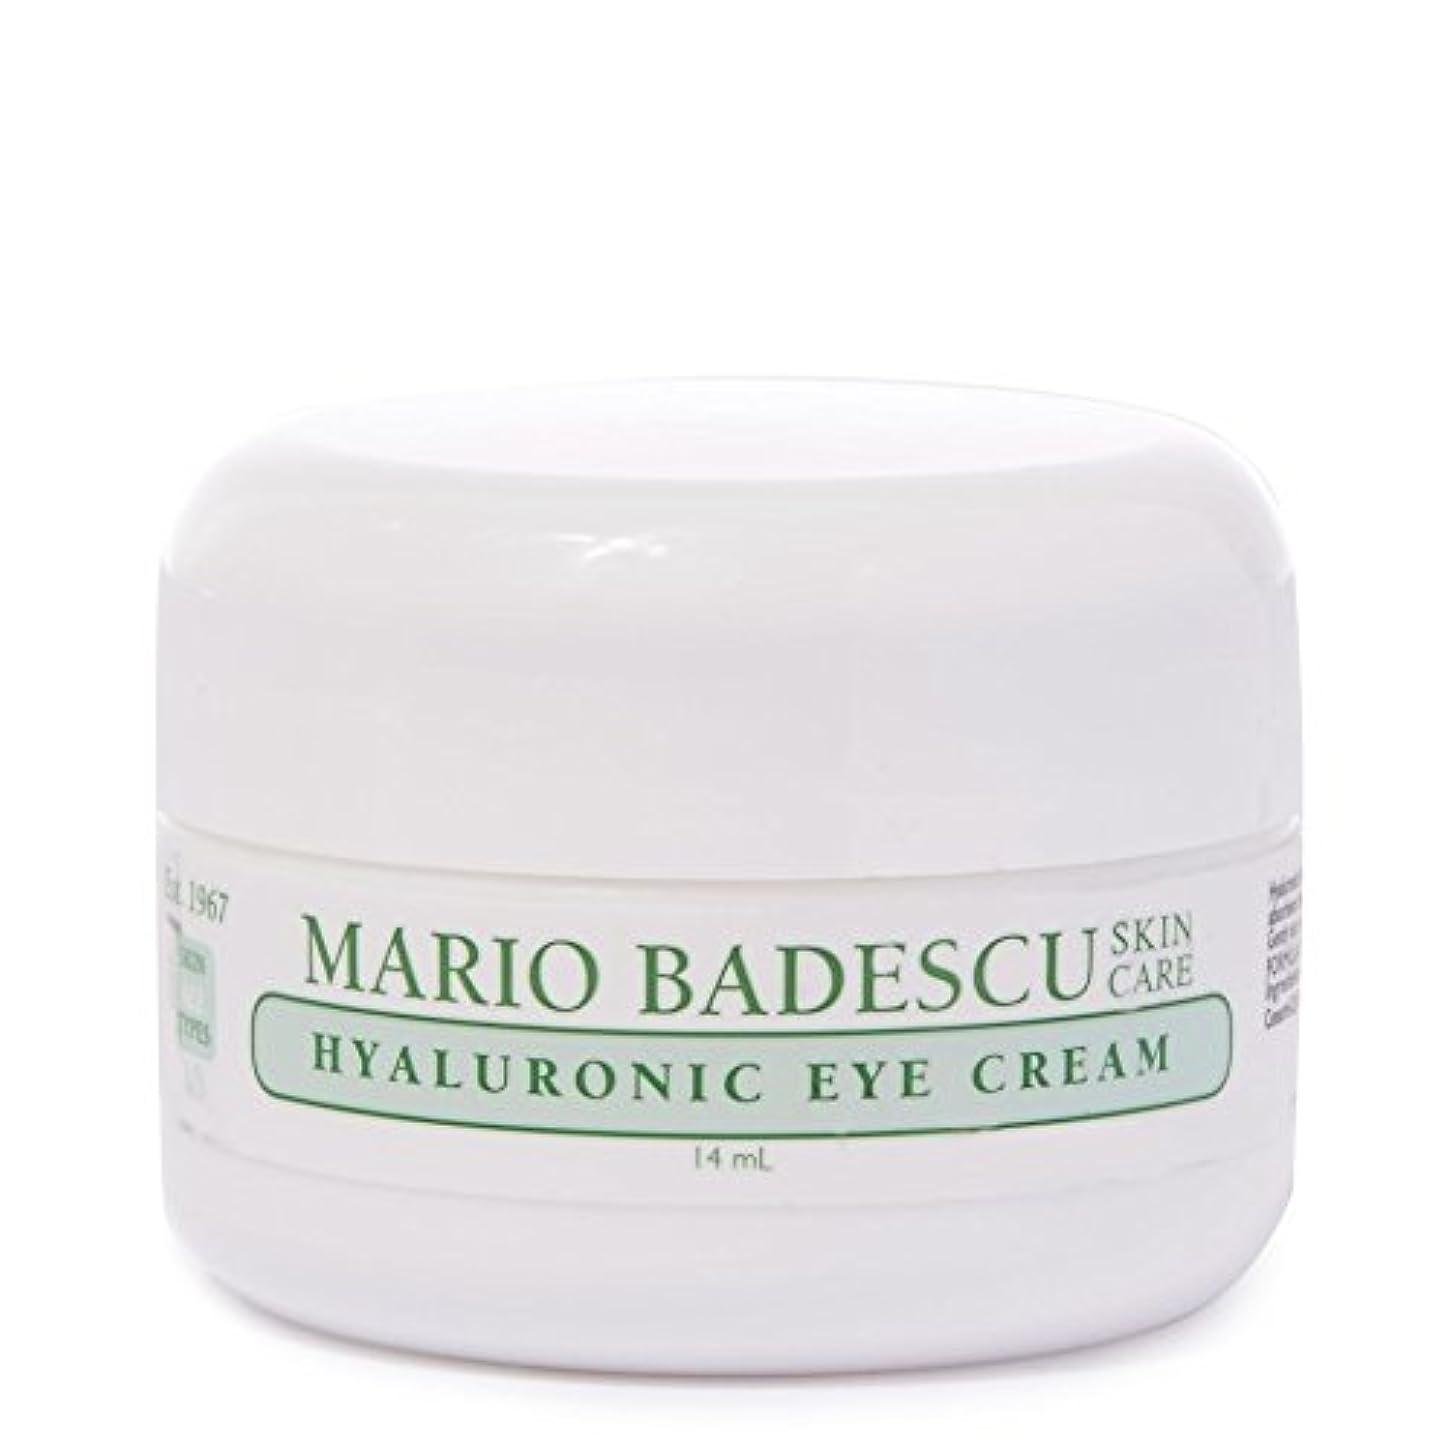 思想に賛成スキームマリオ?バデスキューヒアルロンアイクリーム14ミリリットル x2 - Mario Badescu Hyaluronic Eye Cream 14ml (Pack of 2) [並行輸入品]